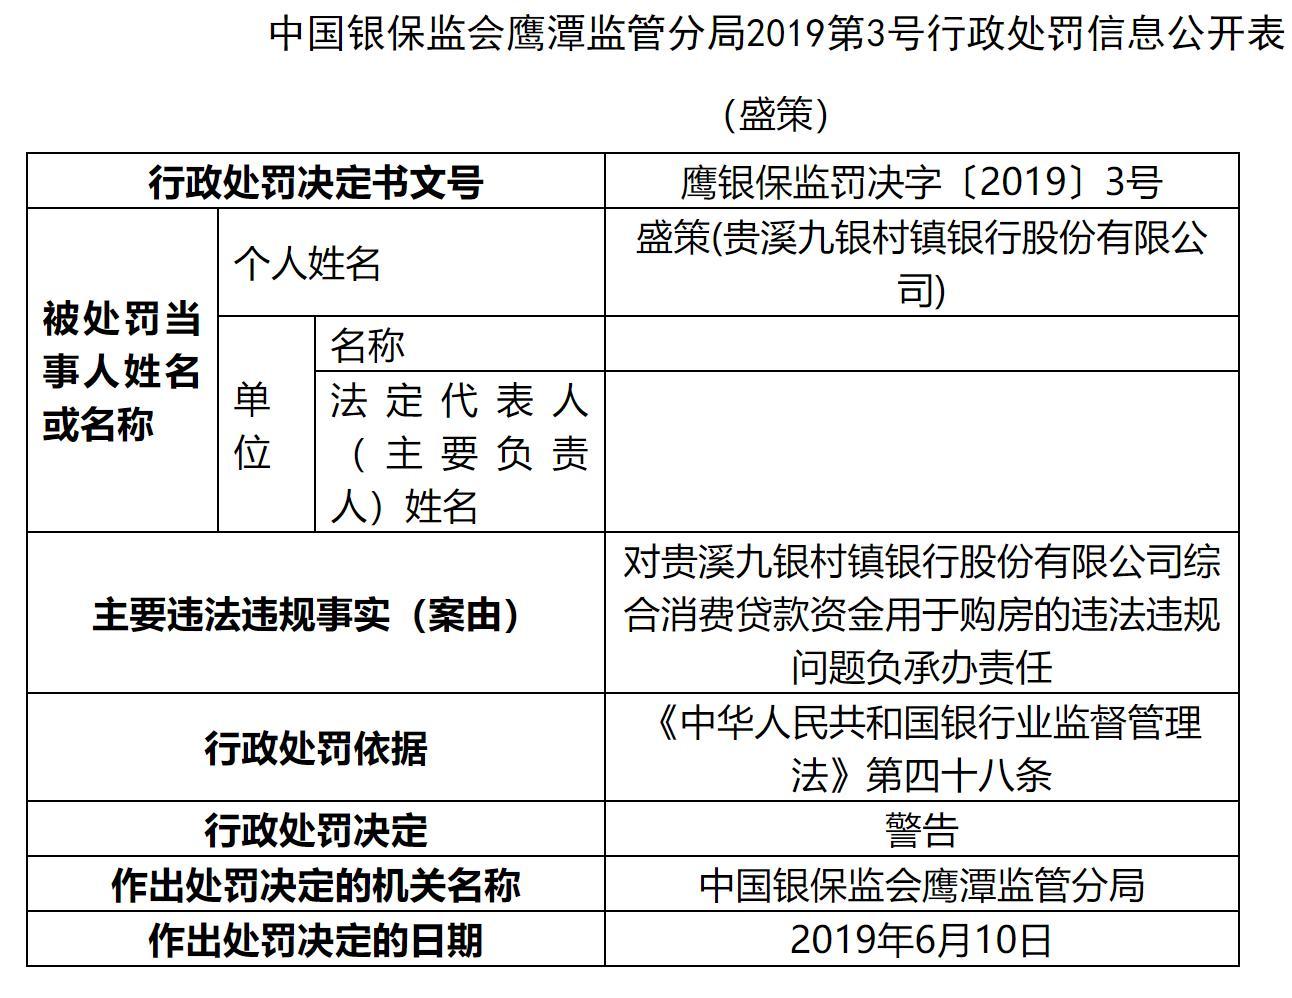 贵溪九银村镇银行被罚款20万元 因消费贷款资金用于购房